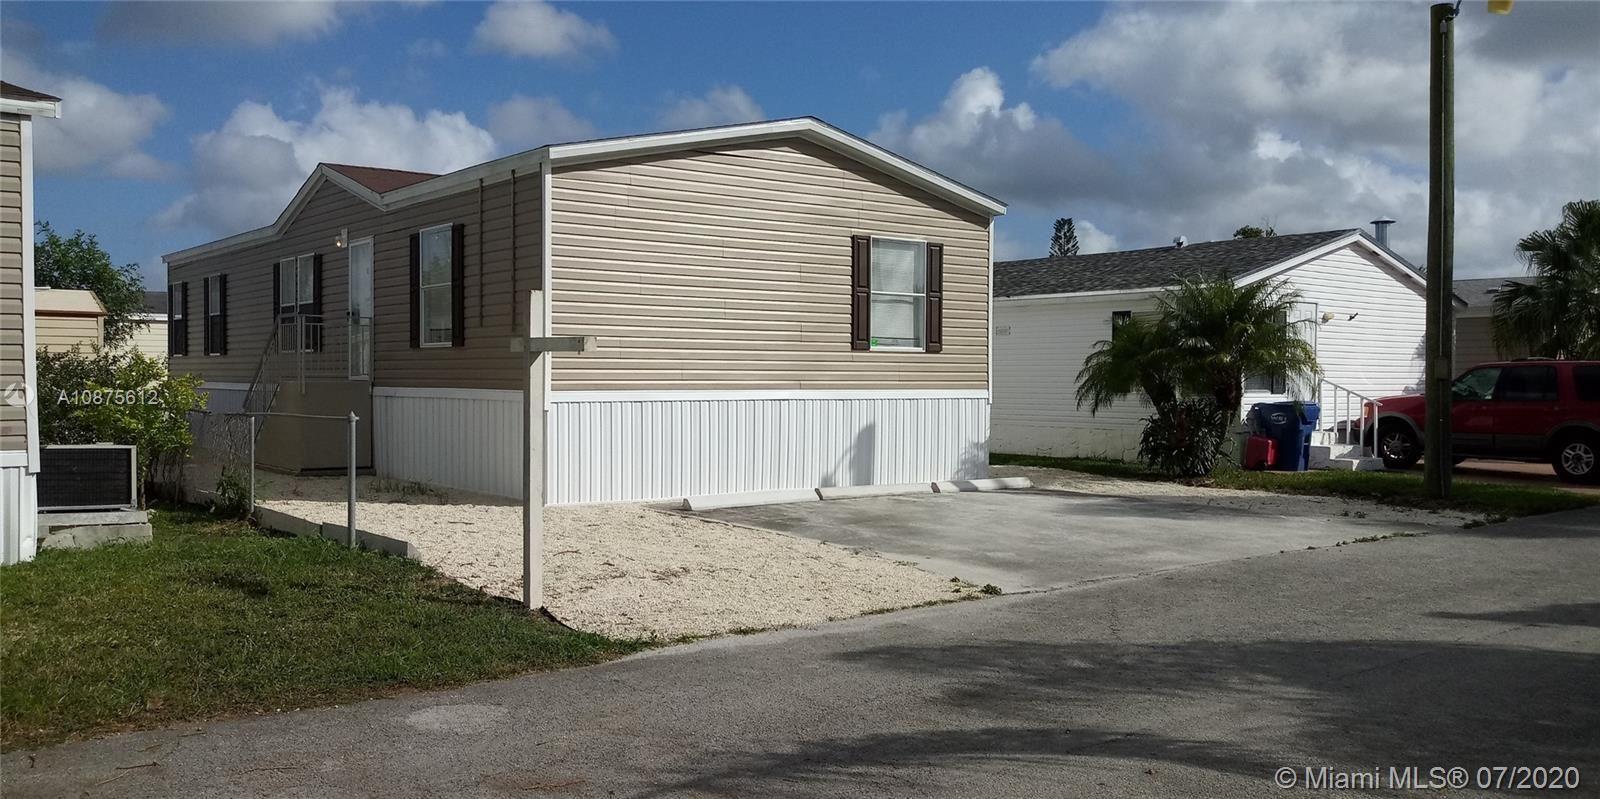 19800 SW 180, Miami, FL 33187 - #: A10875612